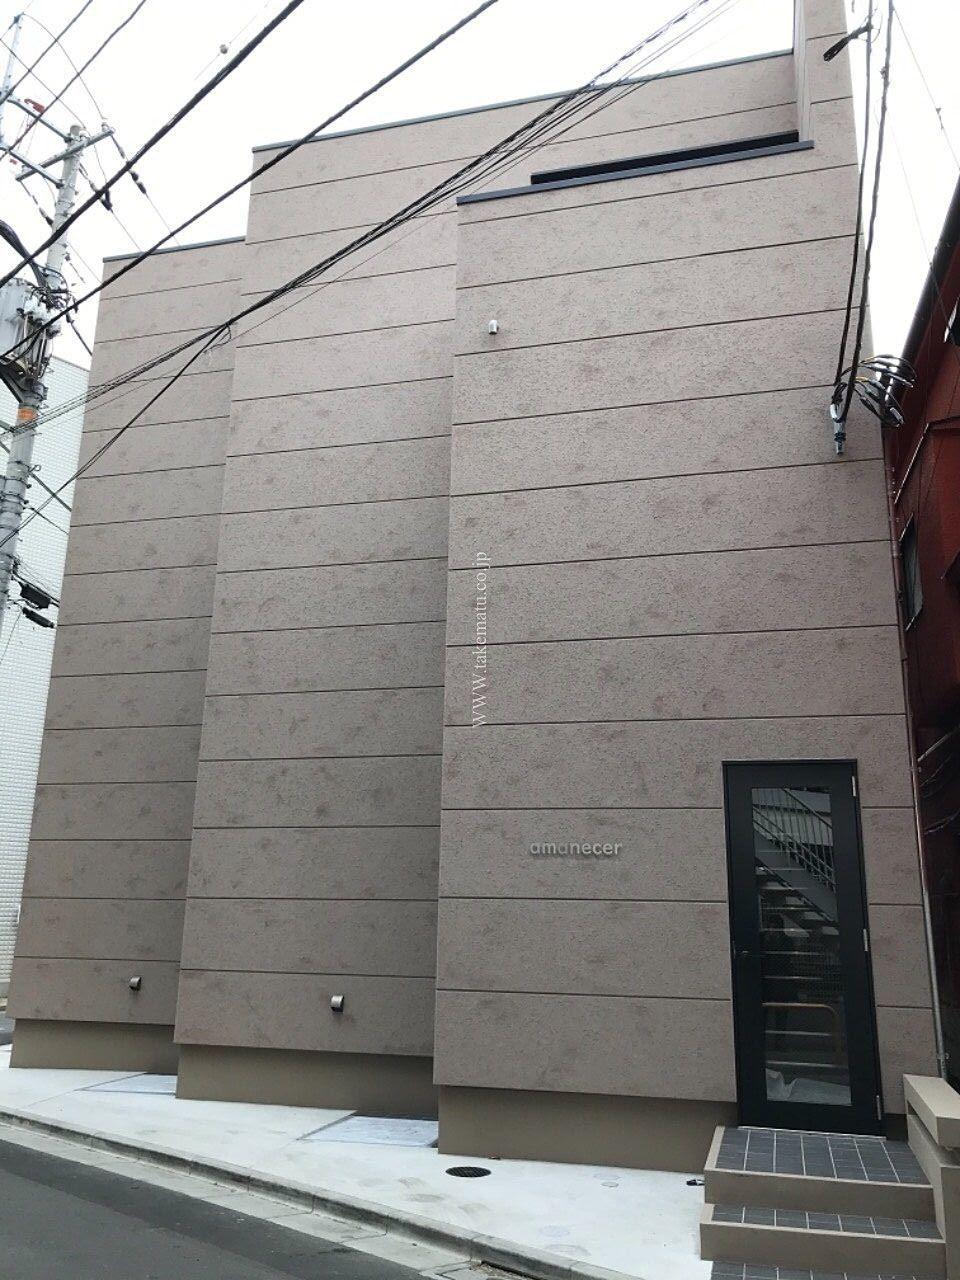 新築 店舗 事務所 小岩 アマネセル